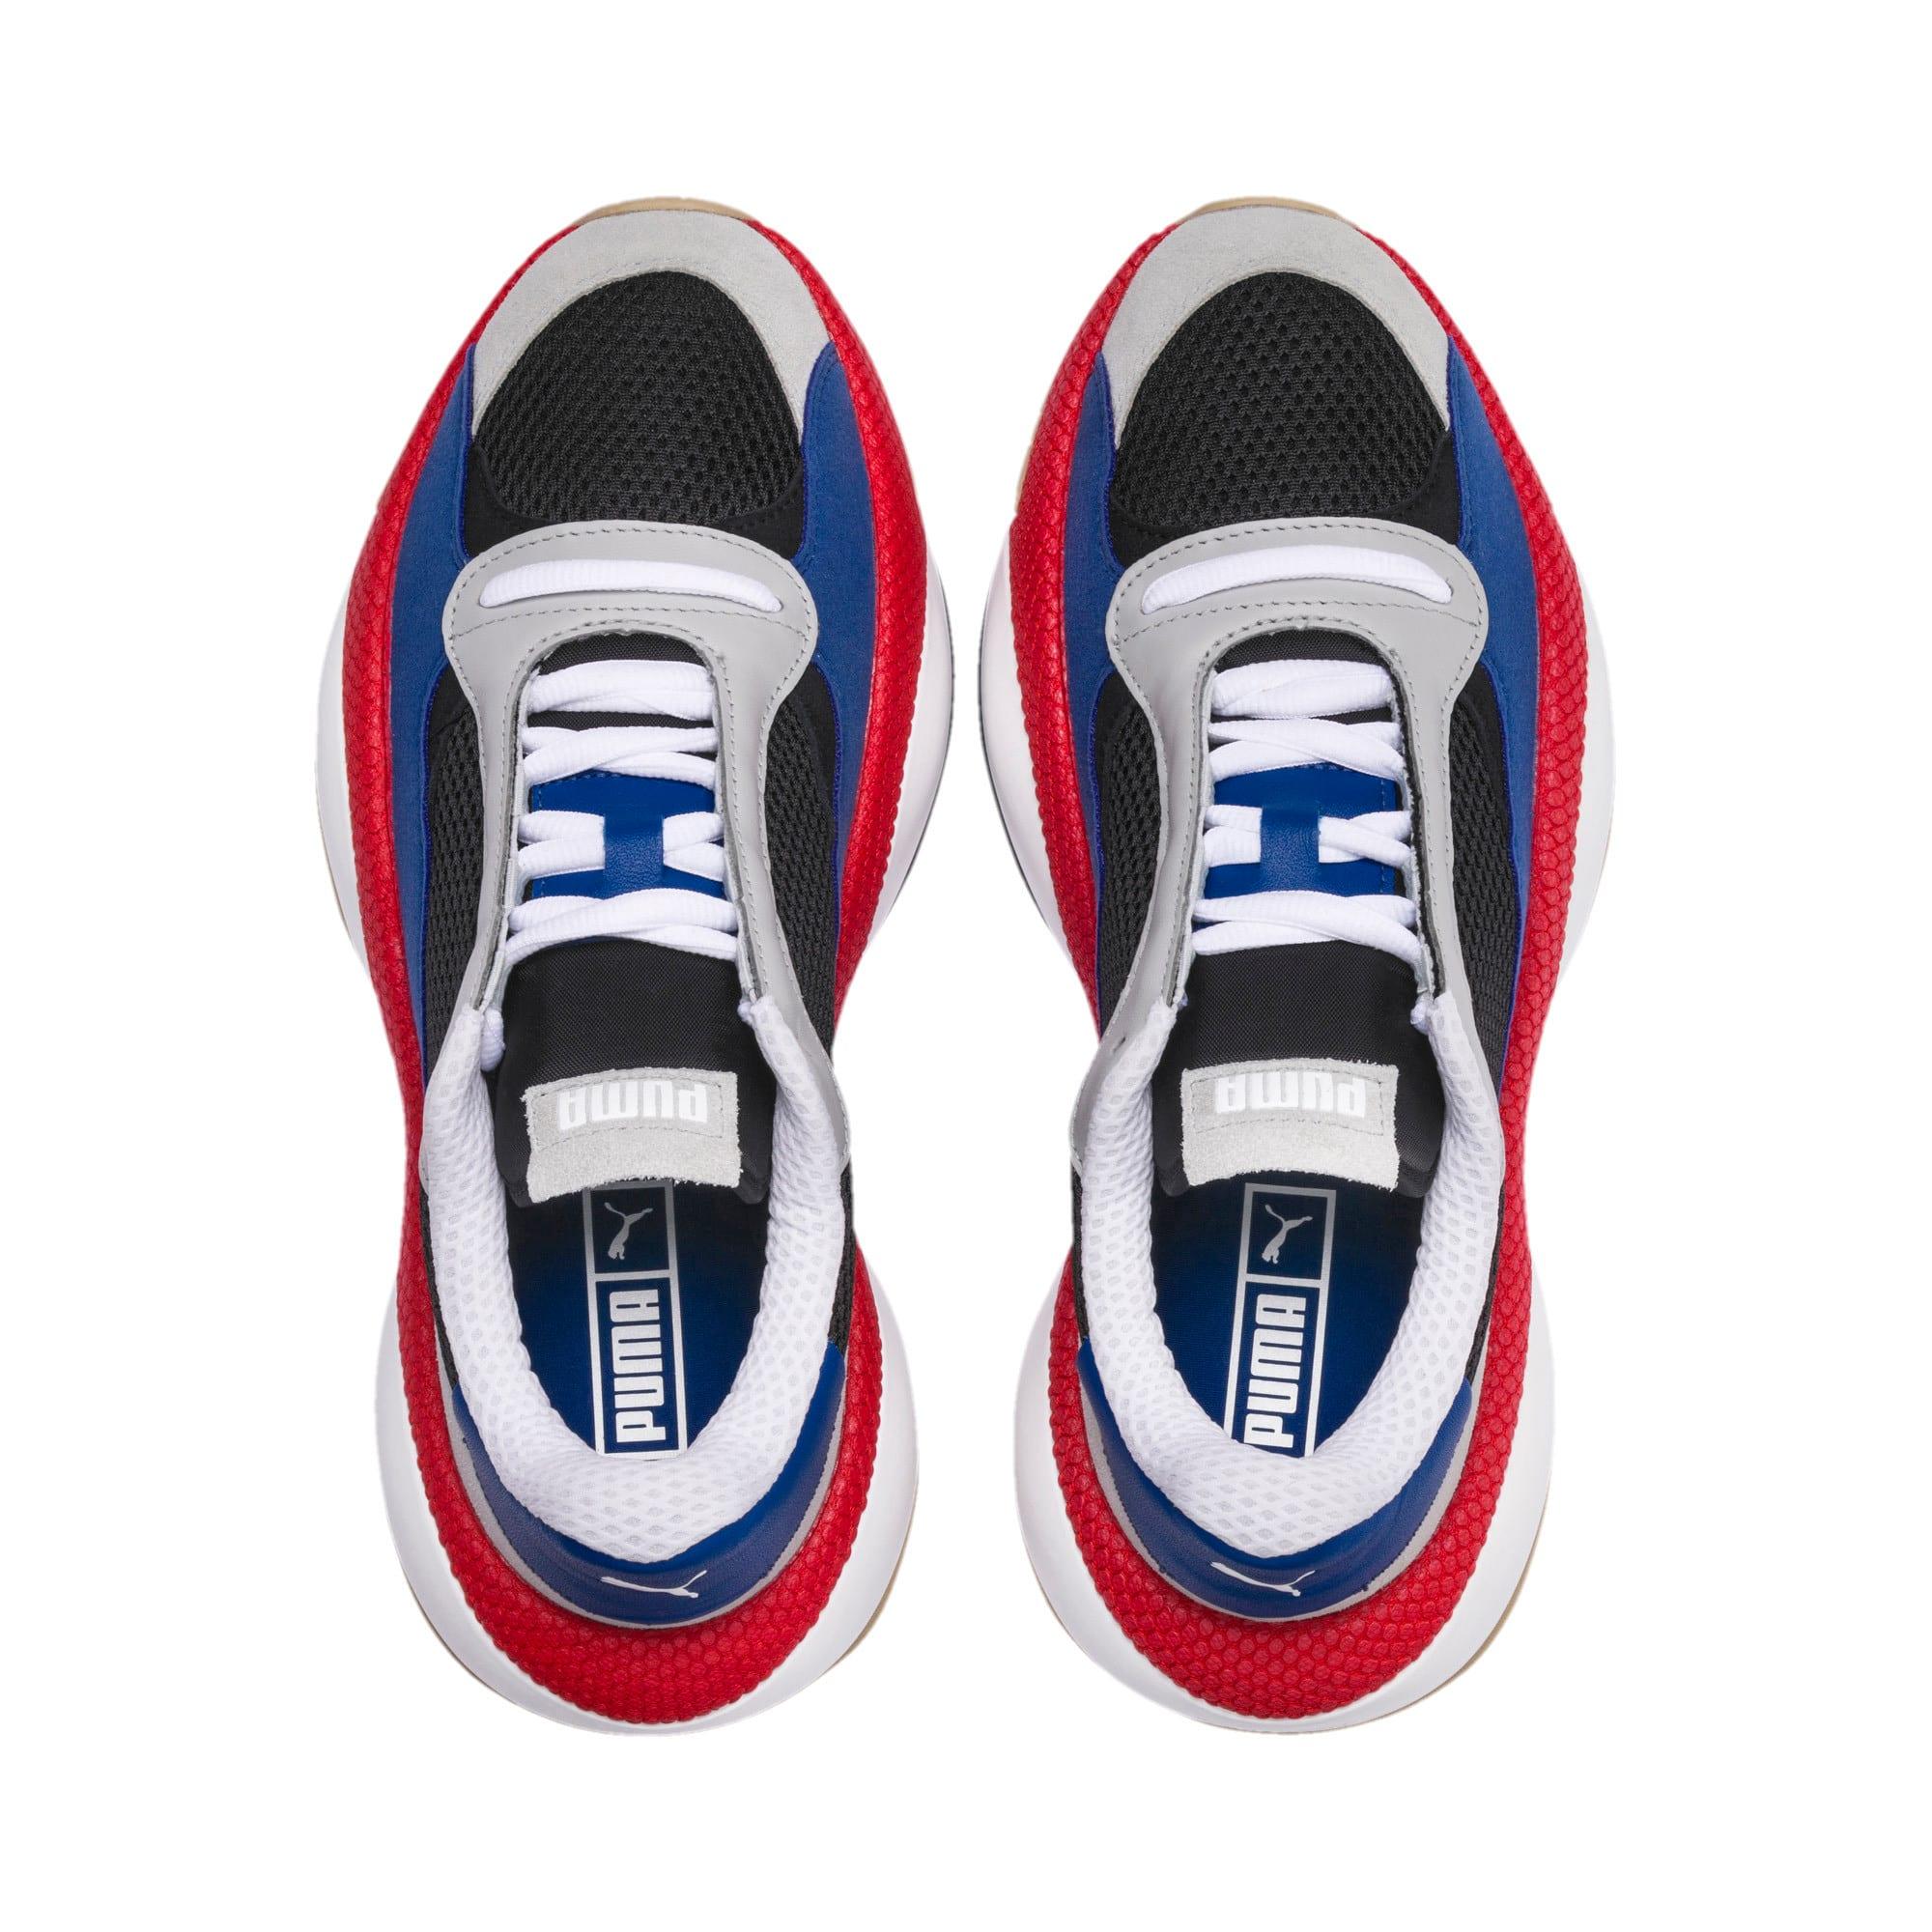 Miniatura 6 de Zapatos deportivos Alteration Kurve, High Rise-Puma Black, mediano